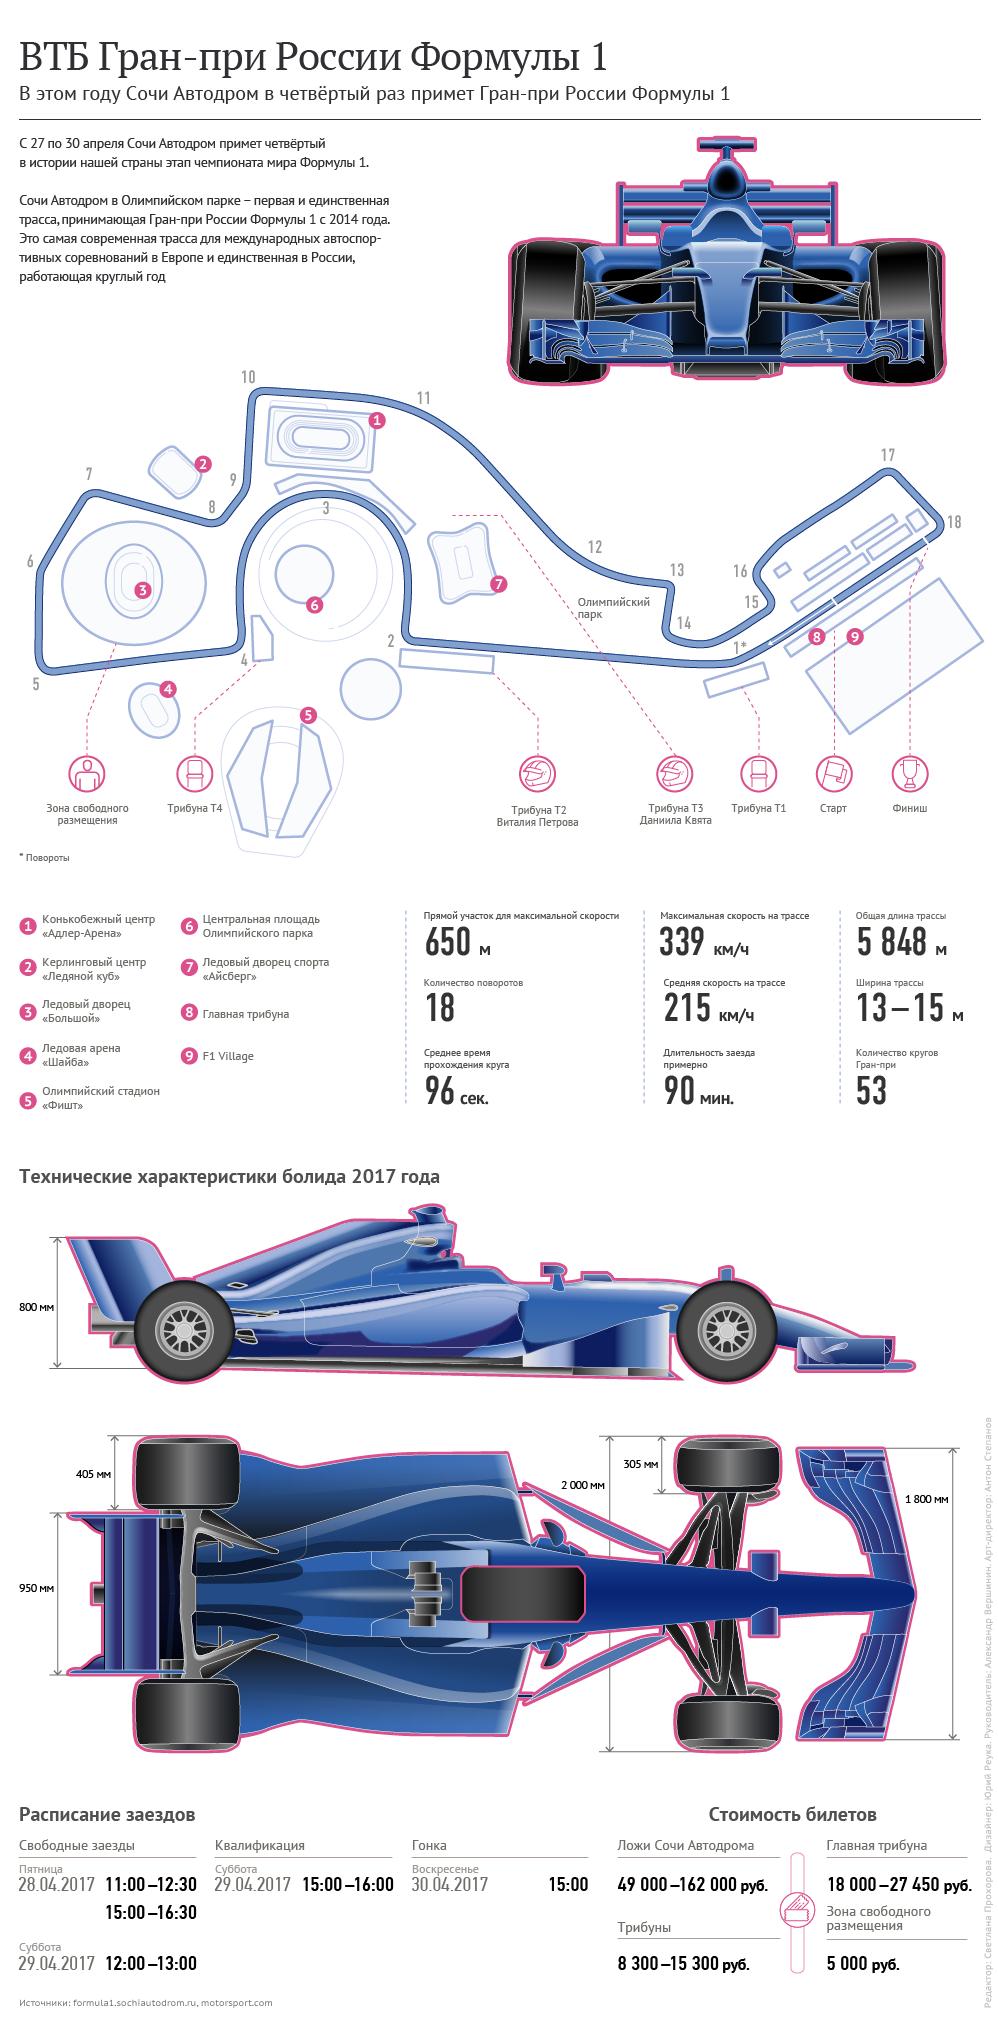 ВТБ Гран-при России Формулы 1